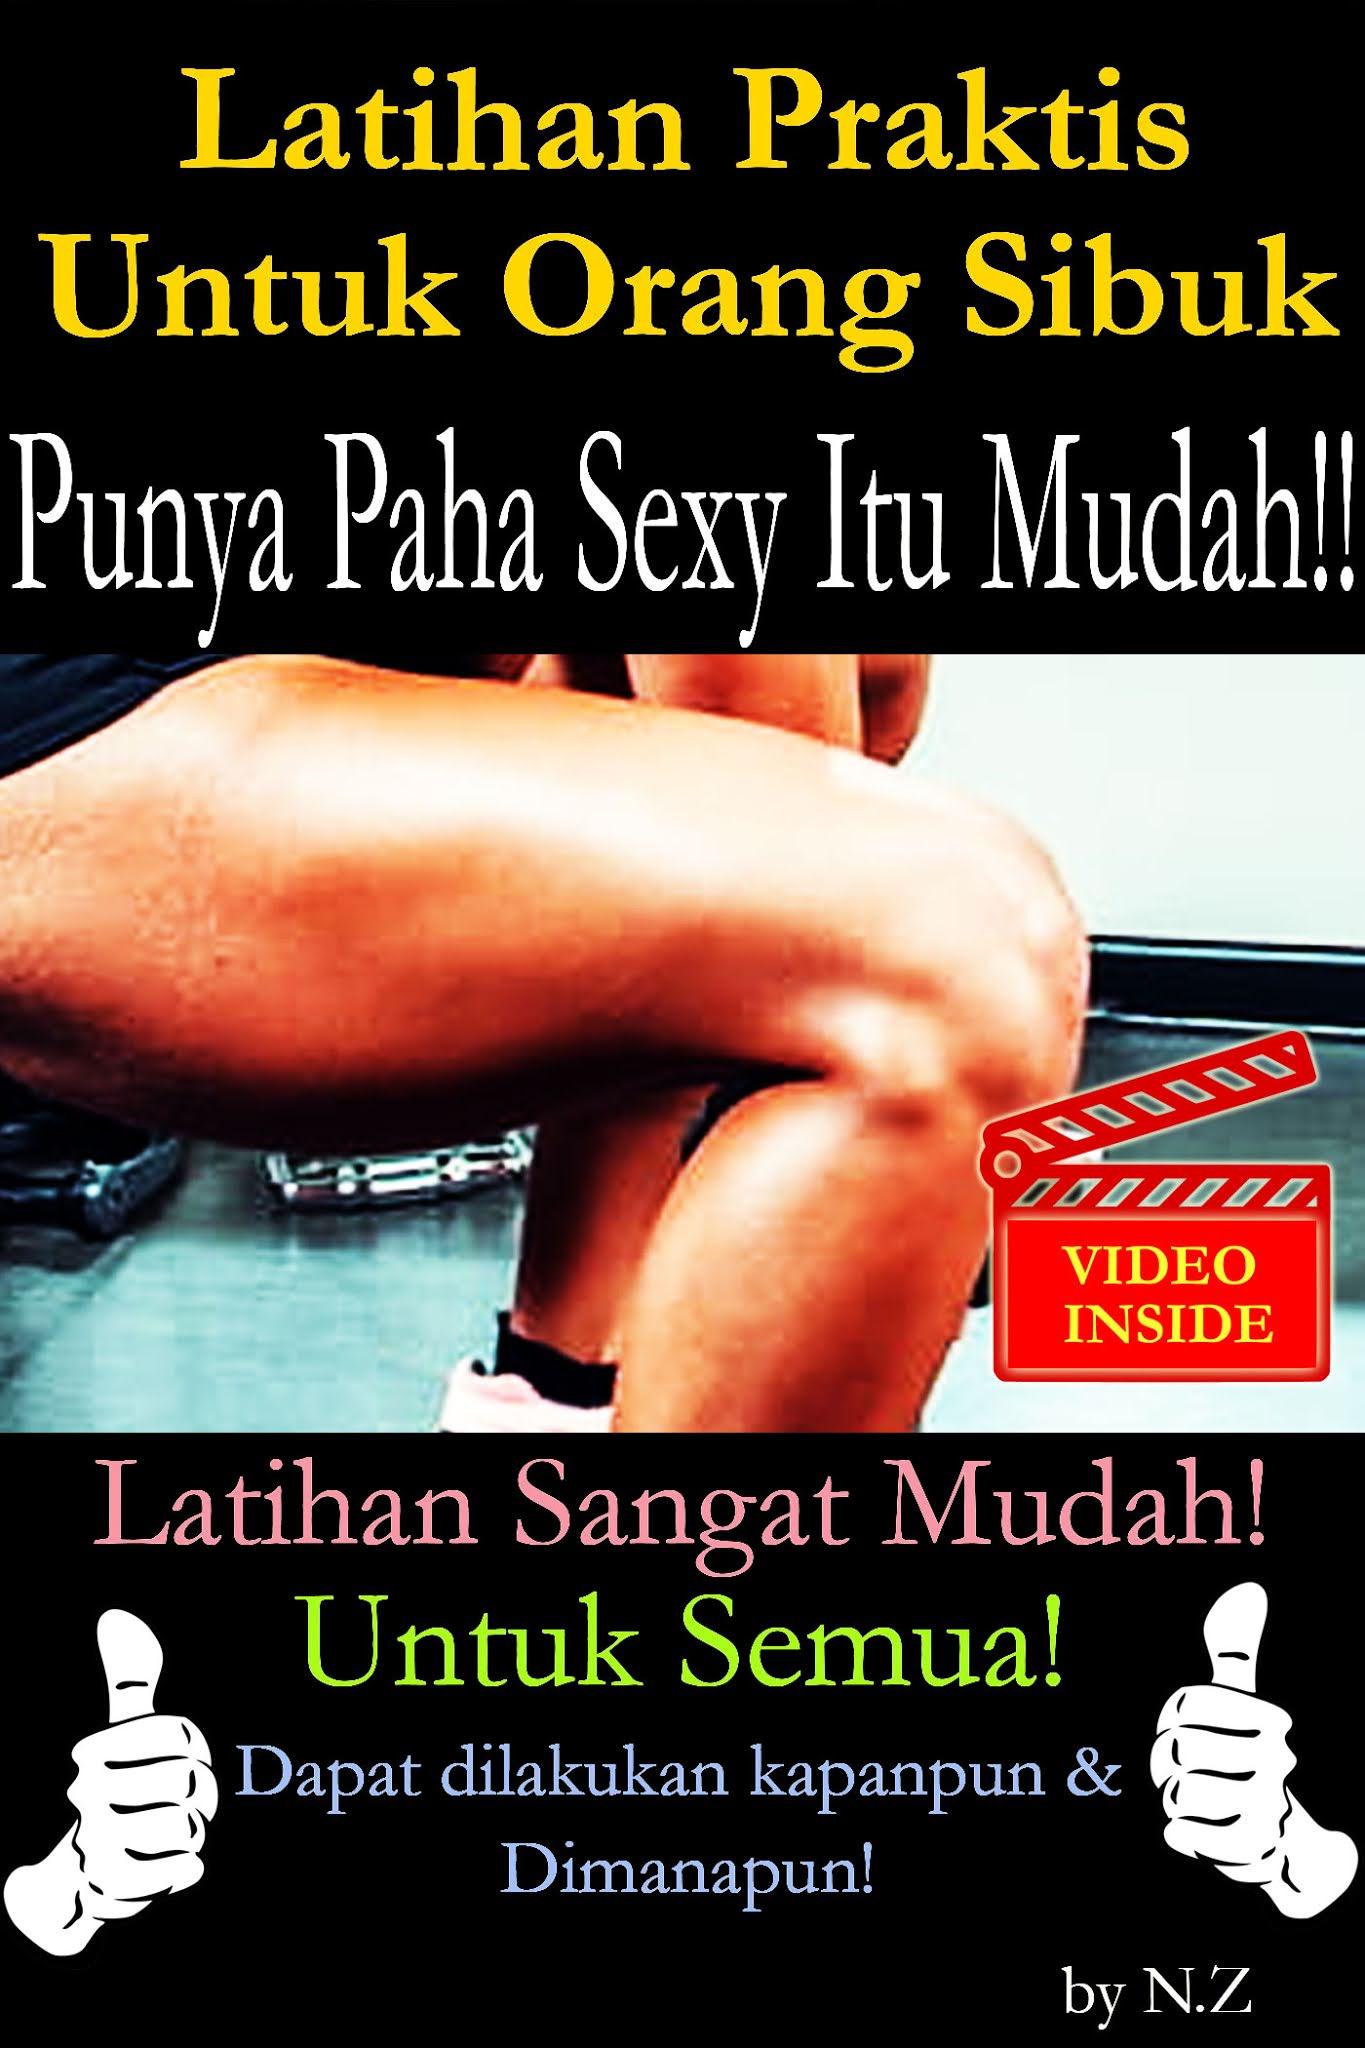 Latihan Praktis Untuk Orang Sibuk: Punya Paha Sexy Itu Mudah!!